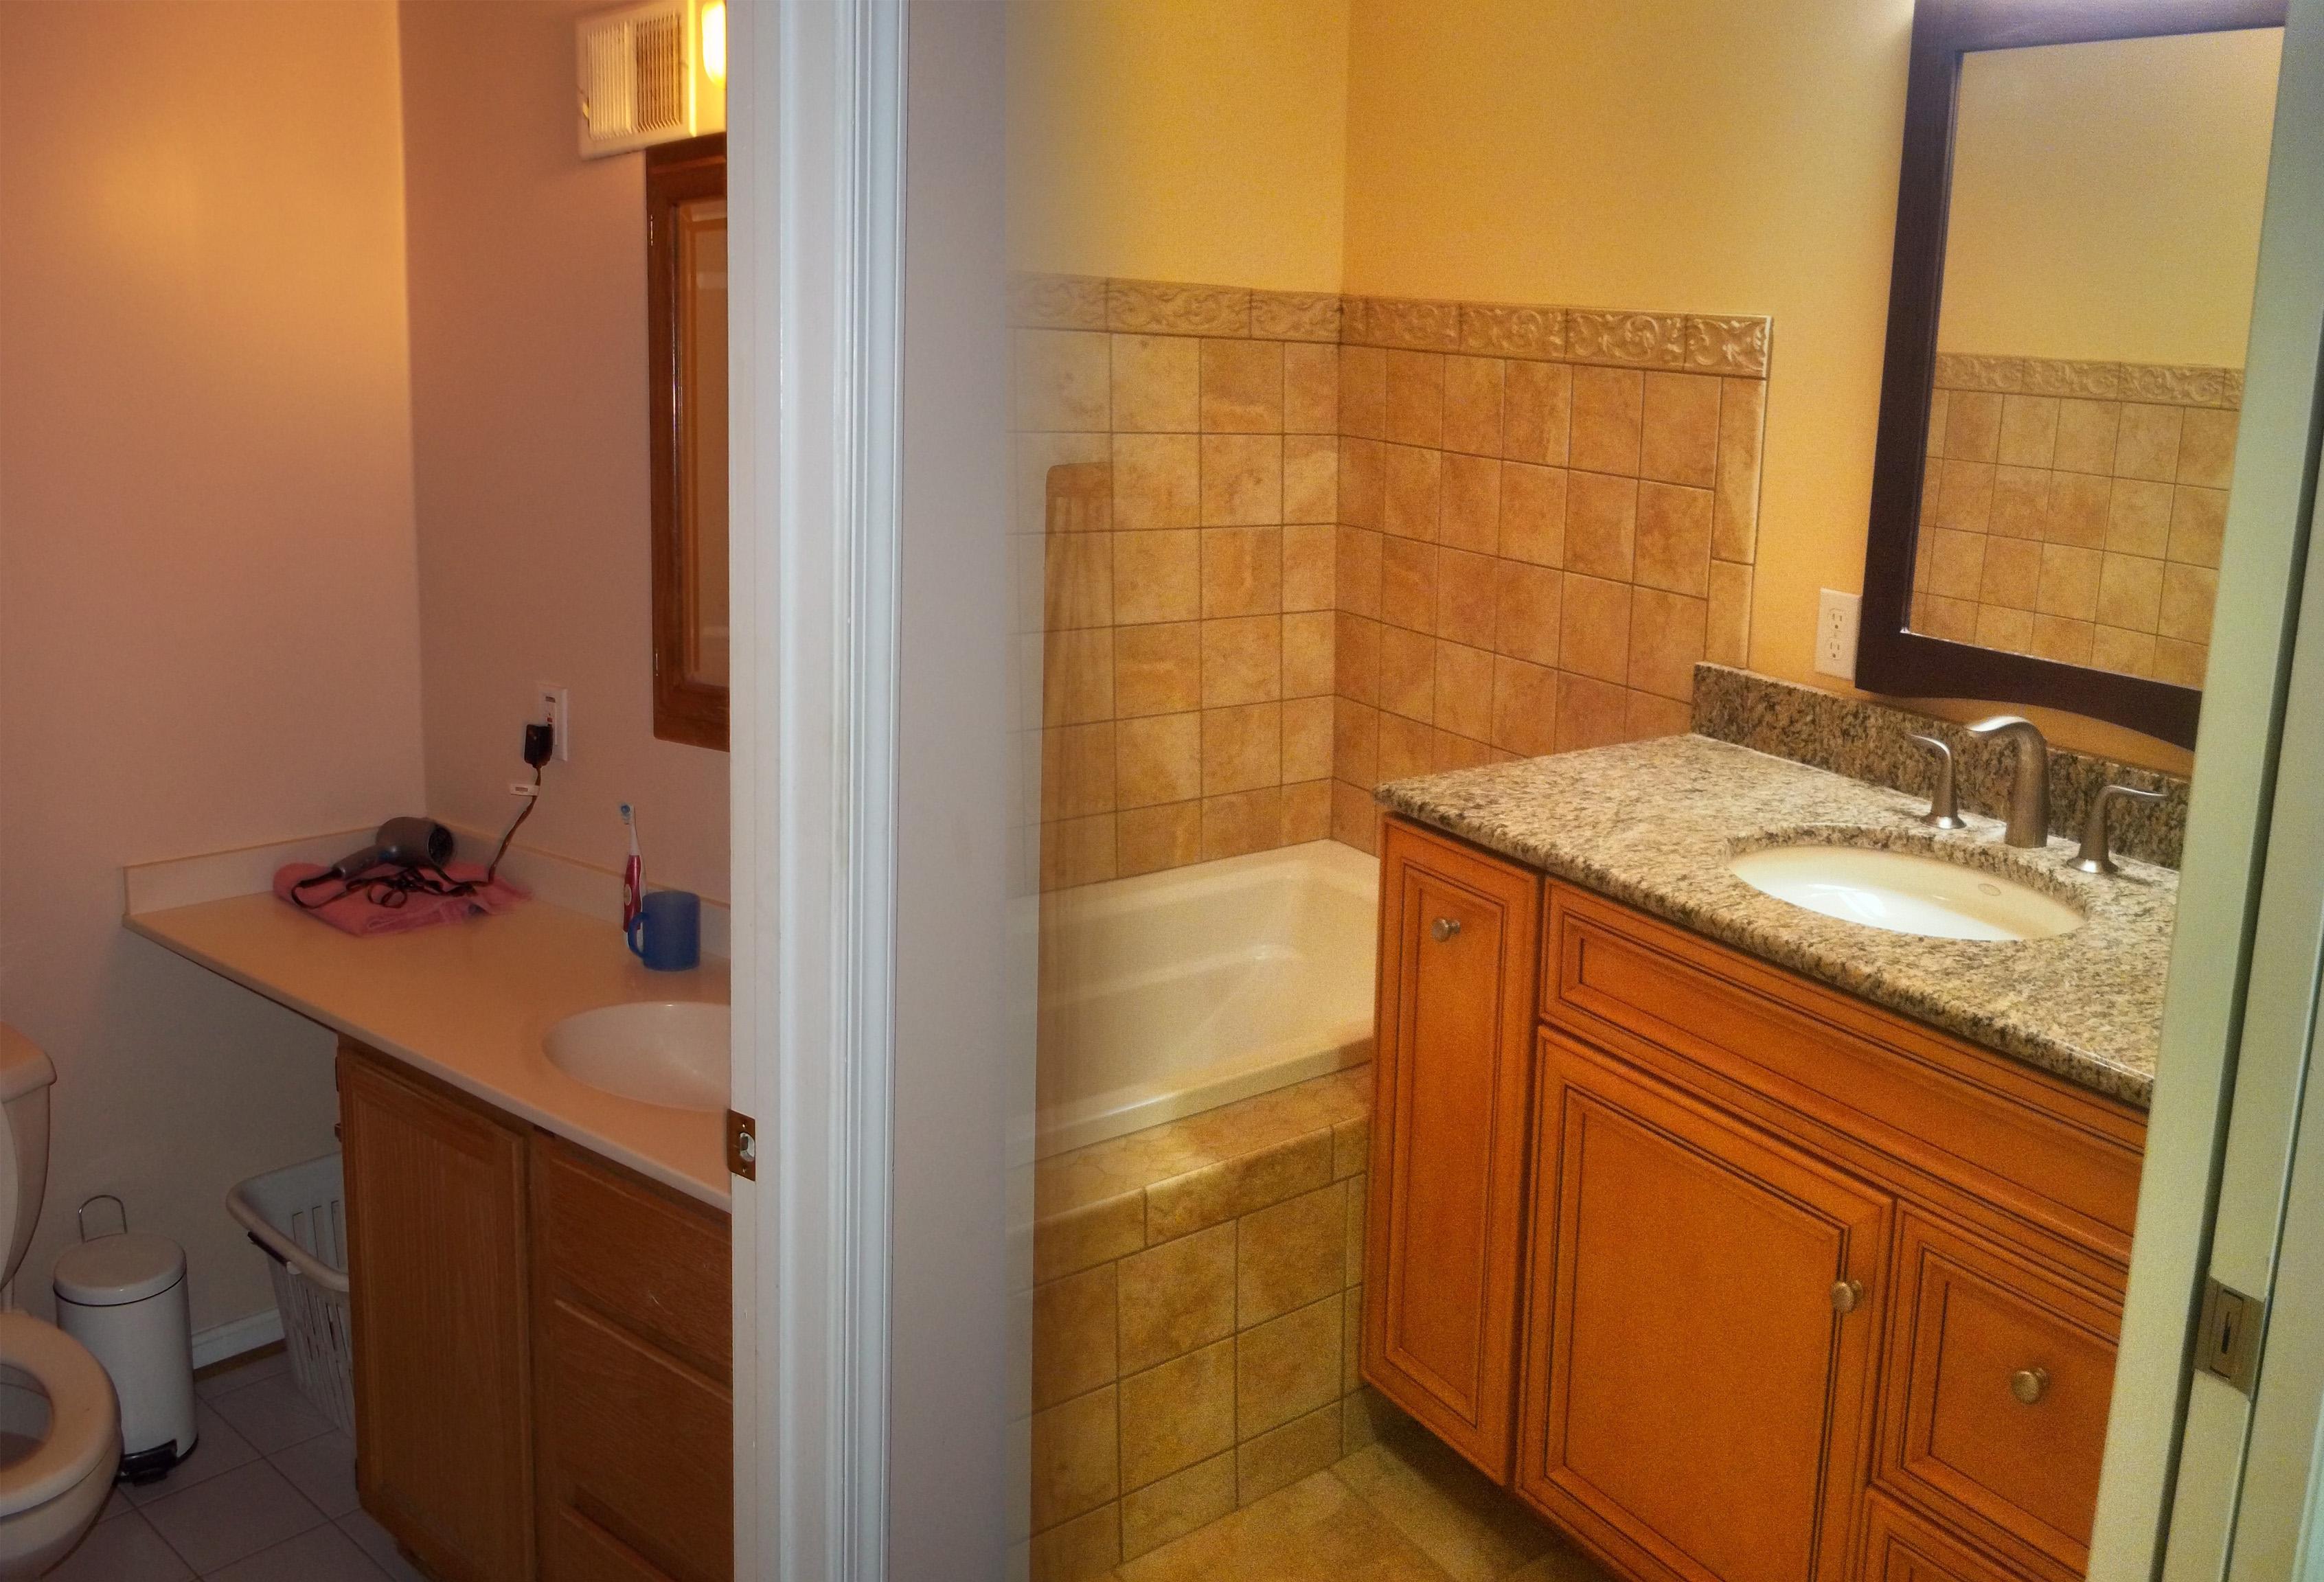 Bathroom Remodel Santa Rosa Ca Best Bathtub Refinishing - Bathroom remodel santa rosa ca